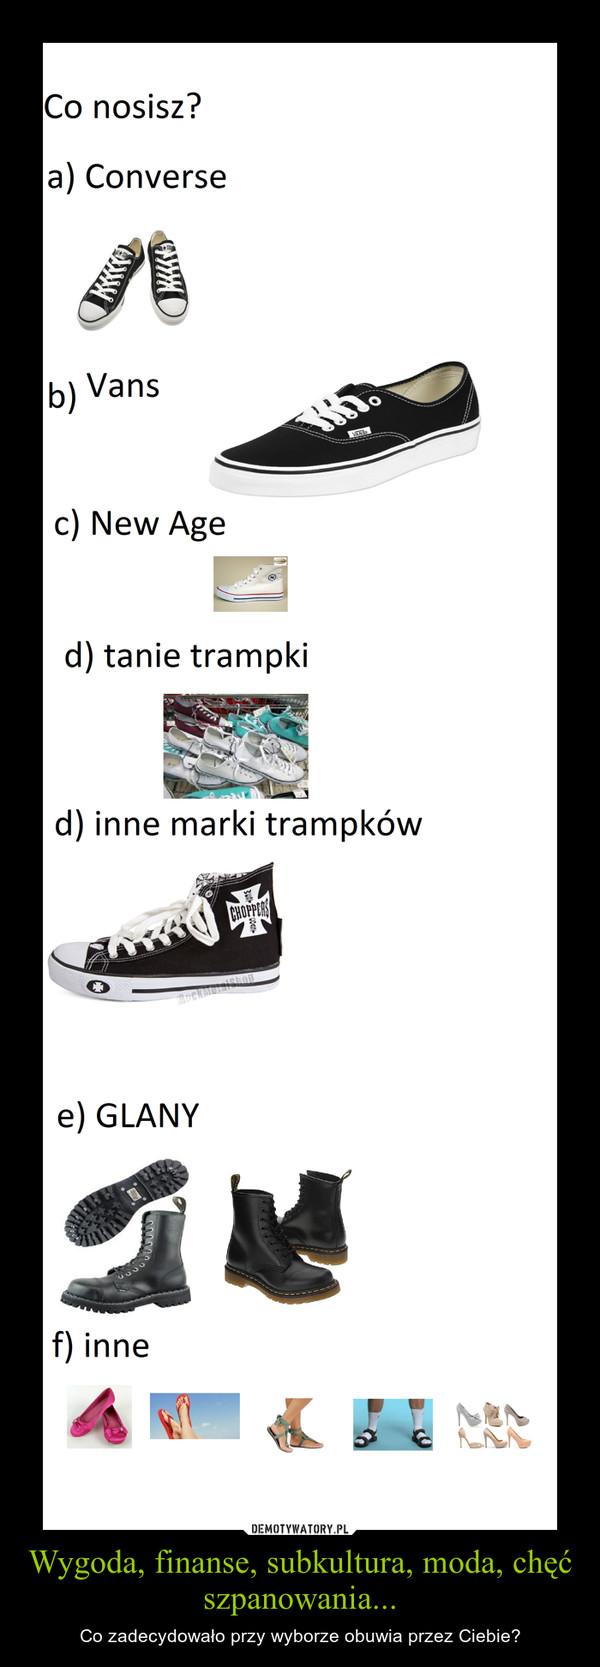 Wygoda, finanse, subkultura, moda, chęć szpanowania... – Co zadecydowało przy wyborze obuwia przez Ciebie?